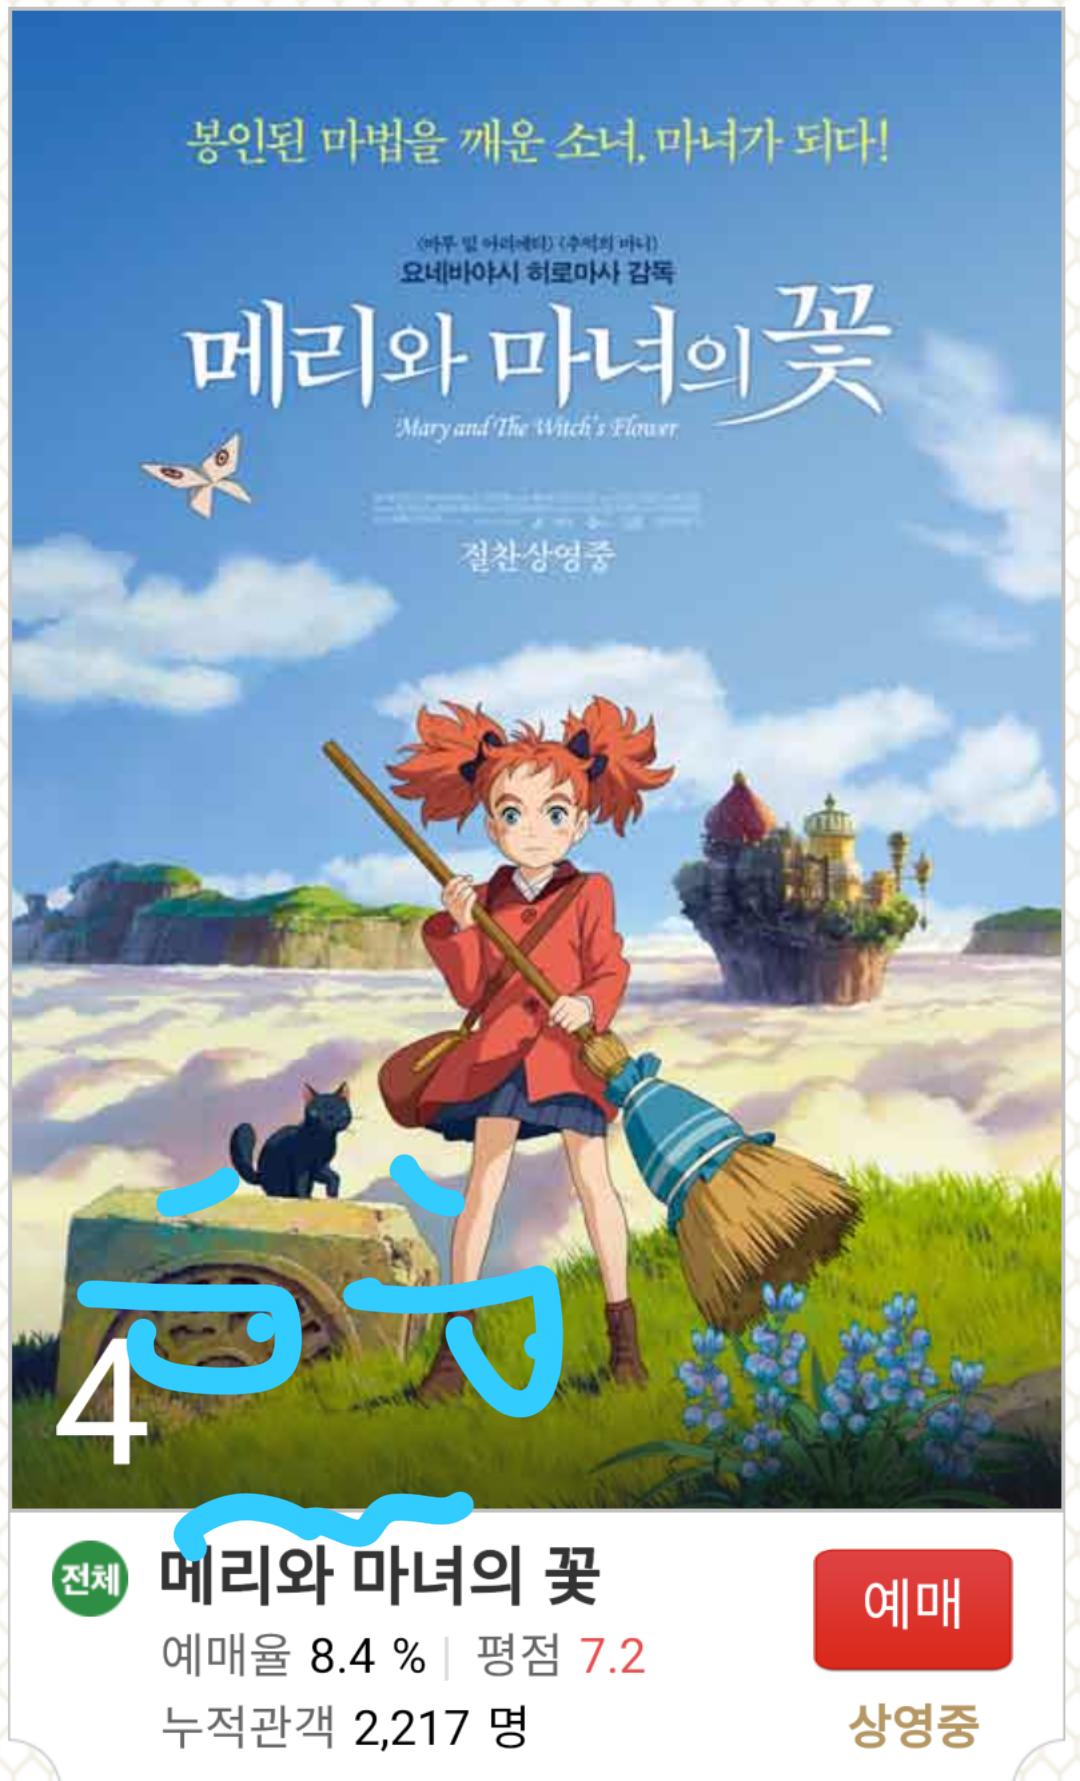 메리와 마녀의 꽃 소감 (노스포)